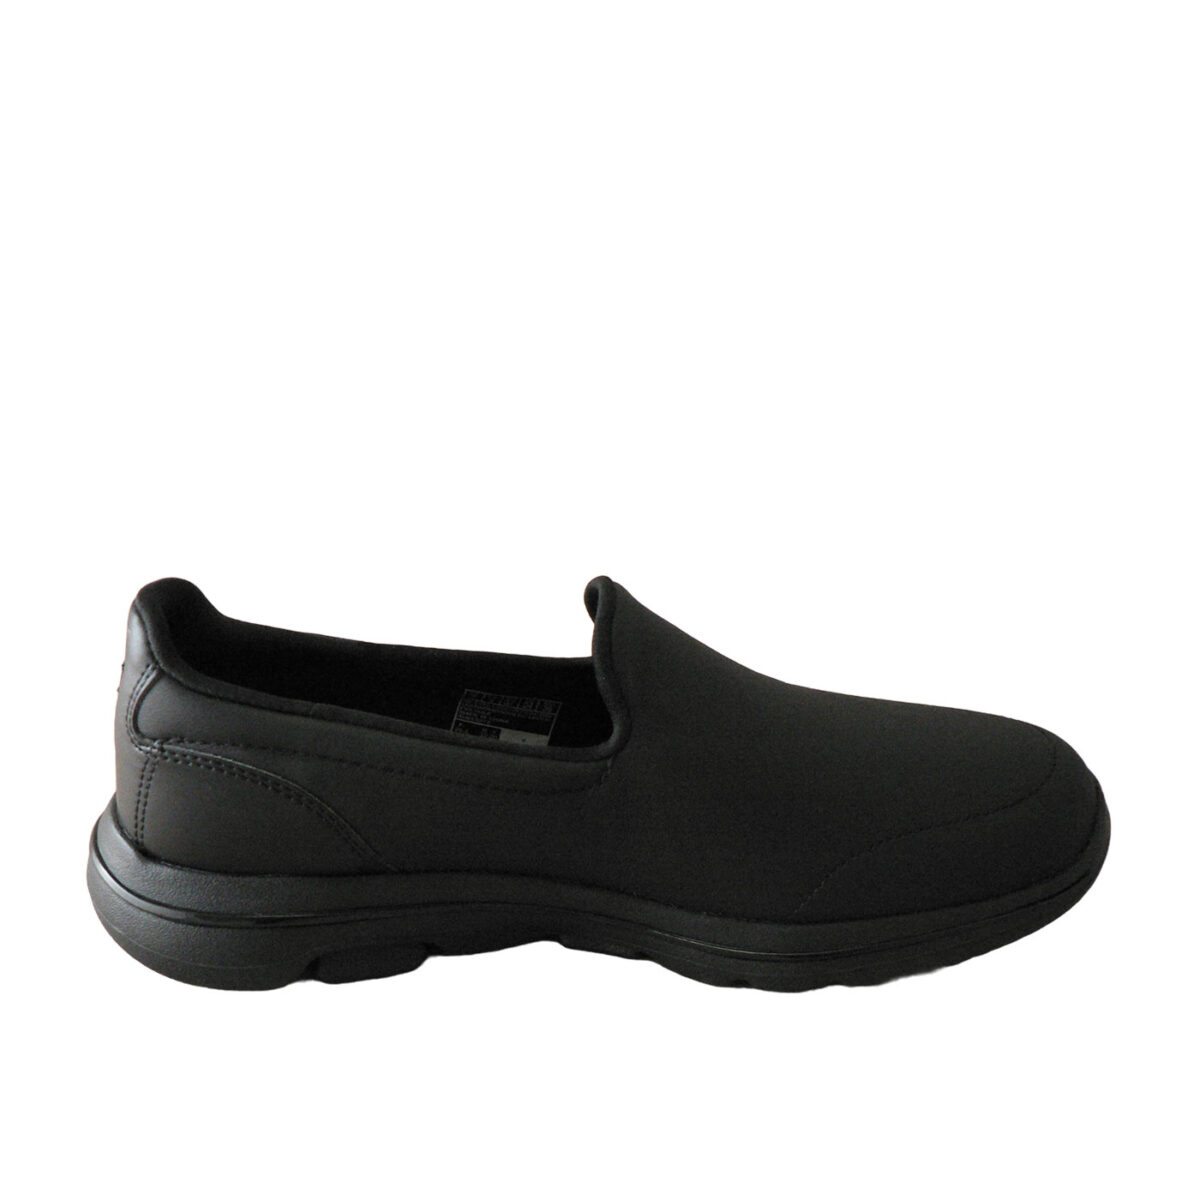 Skechers Go Walk 5 15923